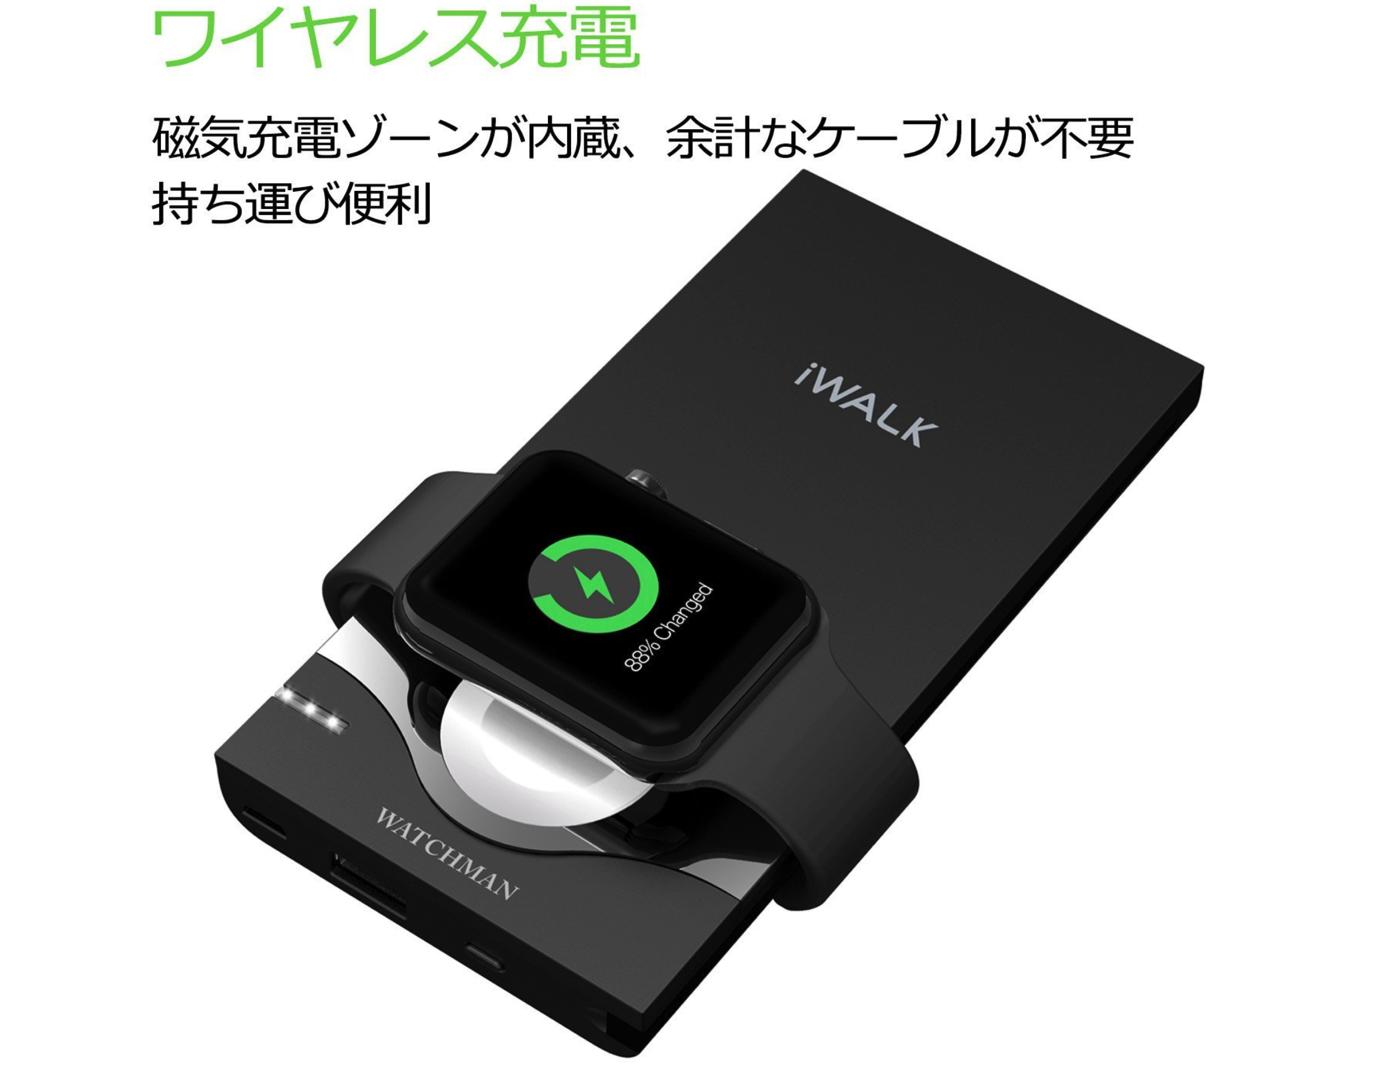 ライトニング(Lightning)ケーブル内蔵 iPhone/Apple Watch同時充電可能な大容量10000mAhのモバイルバッテリー-2